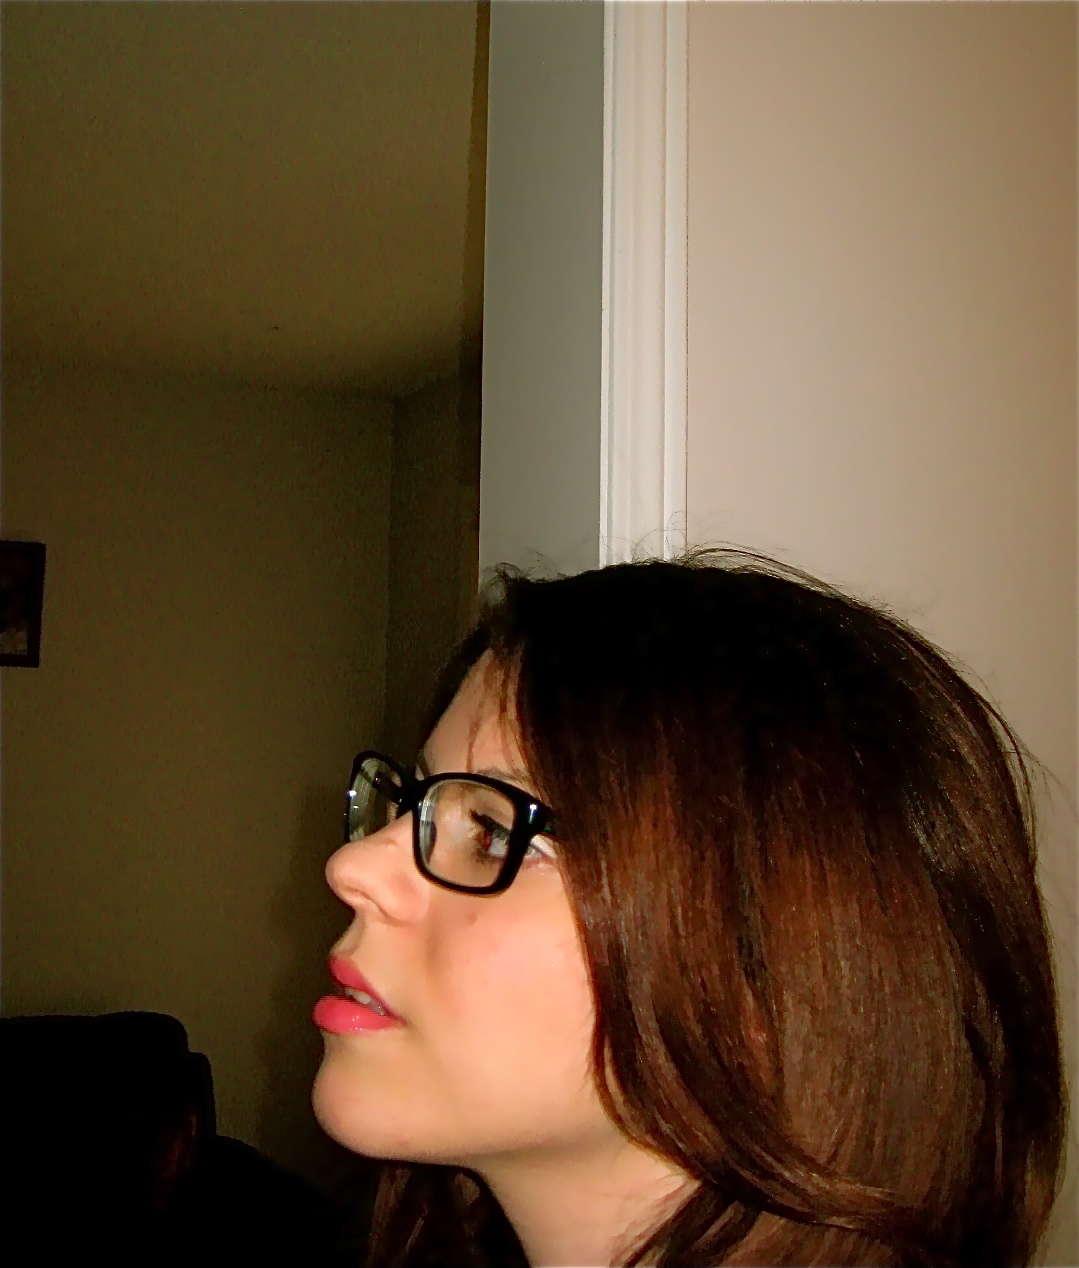 Katie Pagnotta